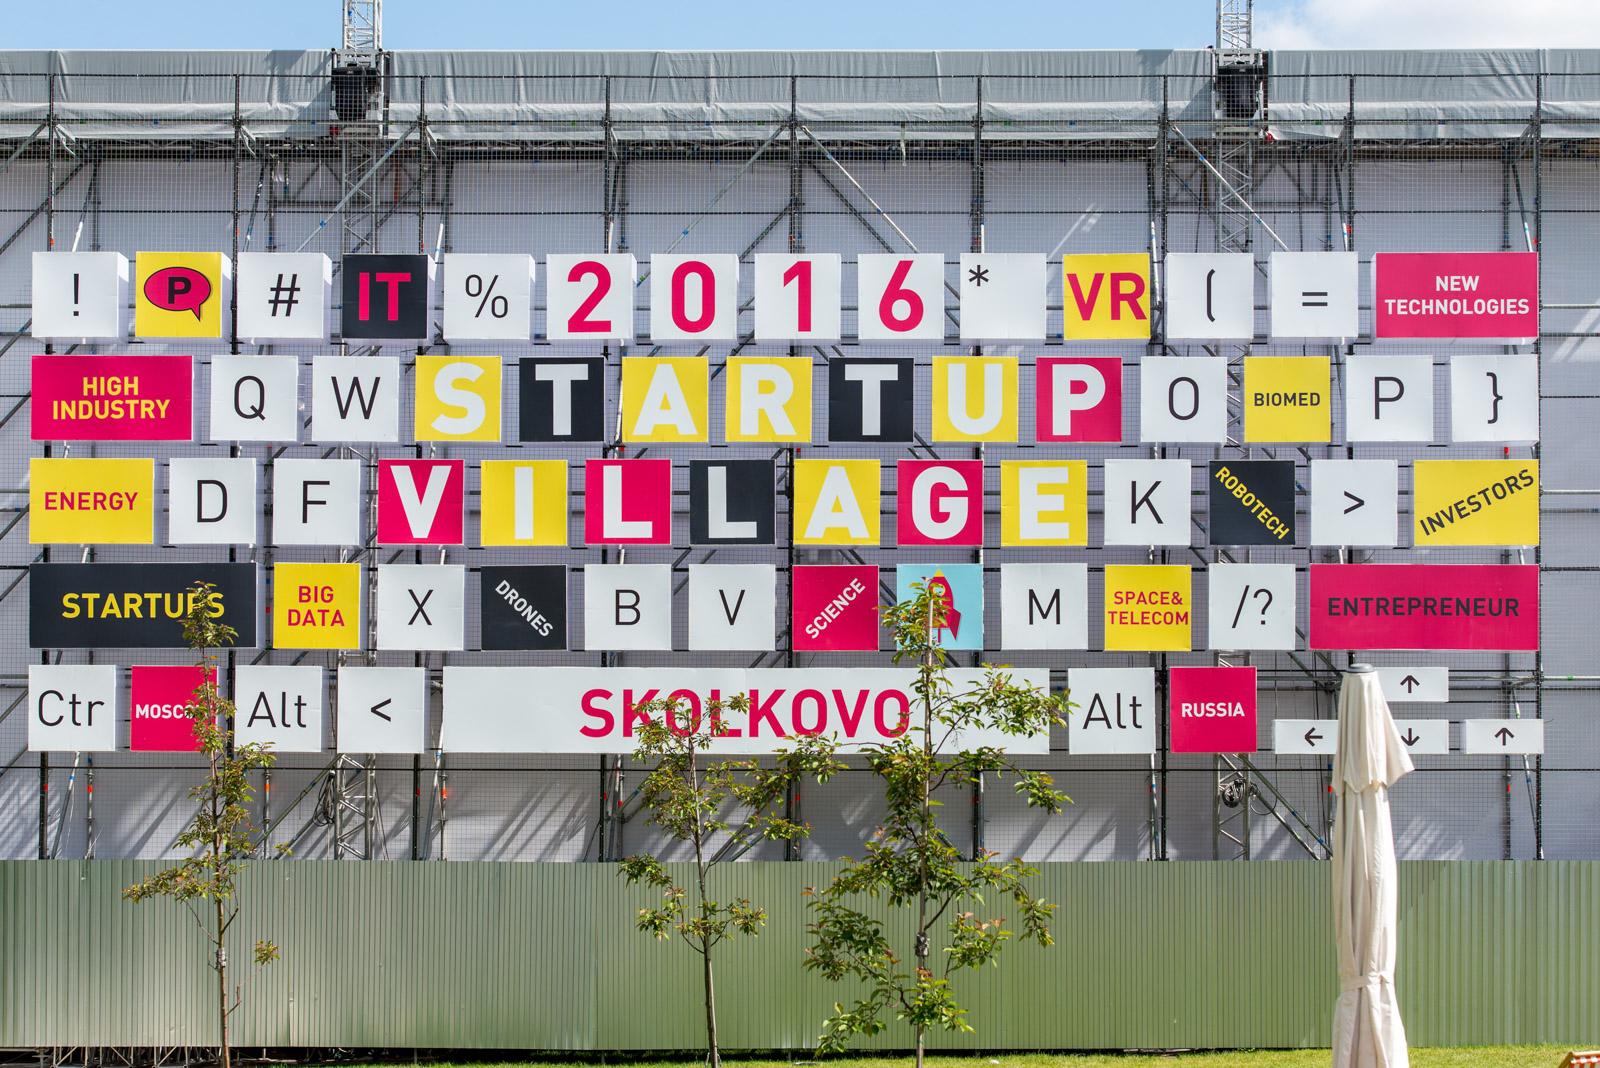 Startup Village 2016